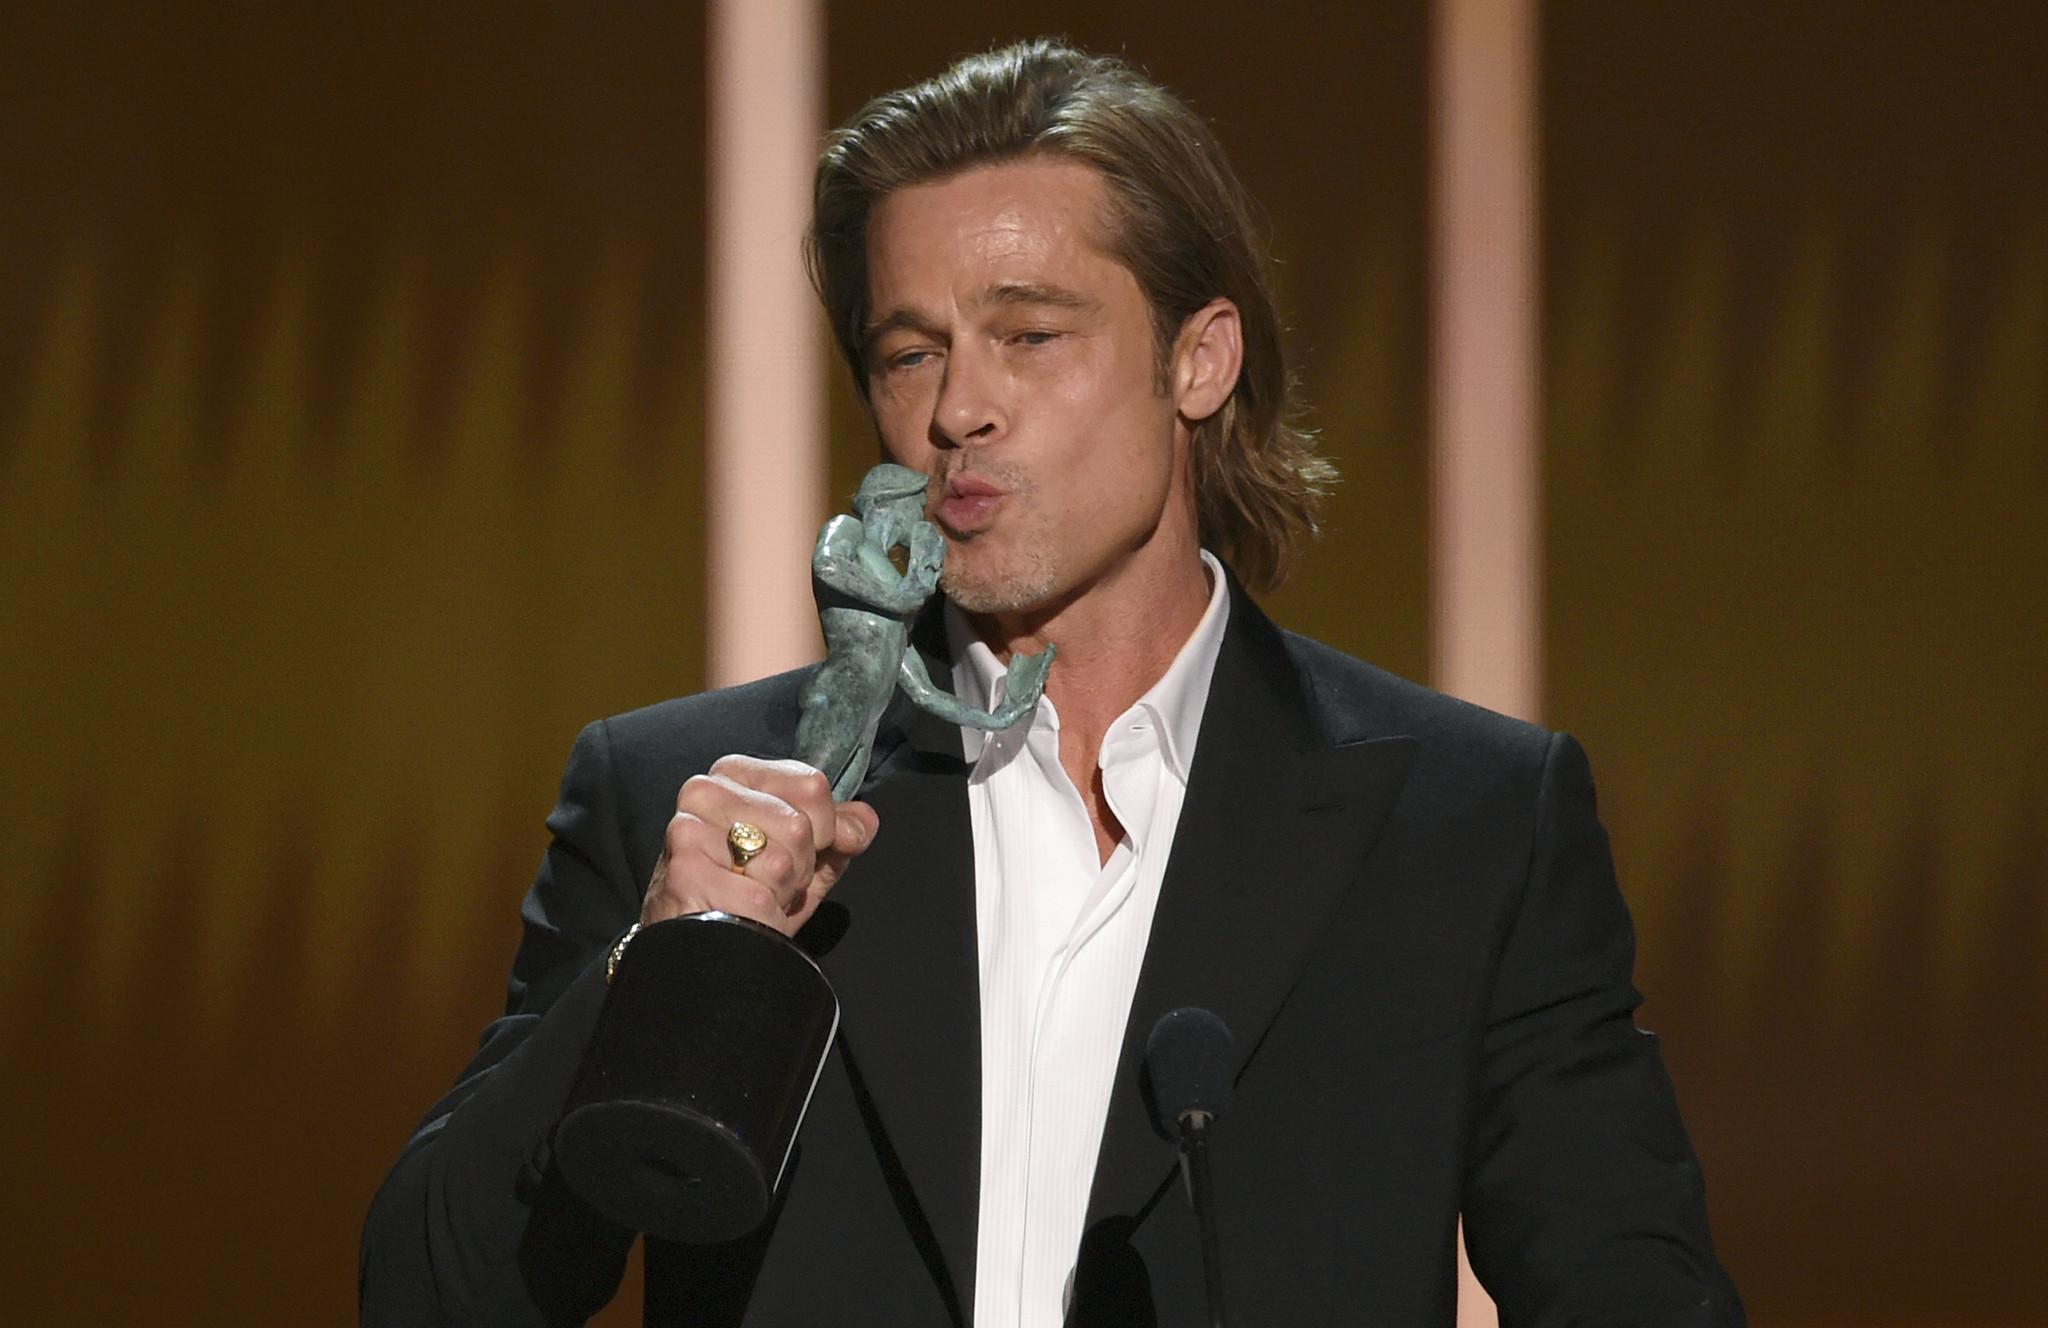 Brad Pitt and Laura Dern win big at SAG Awards